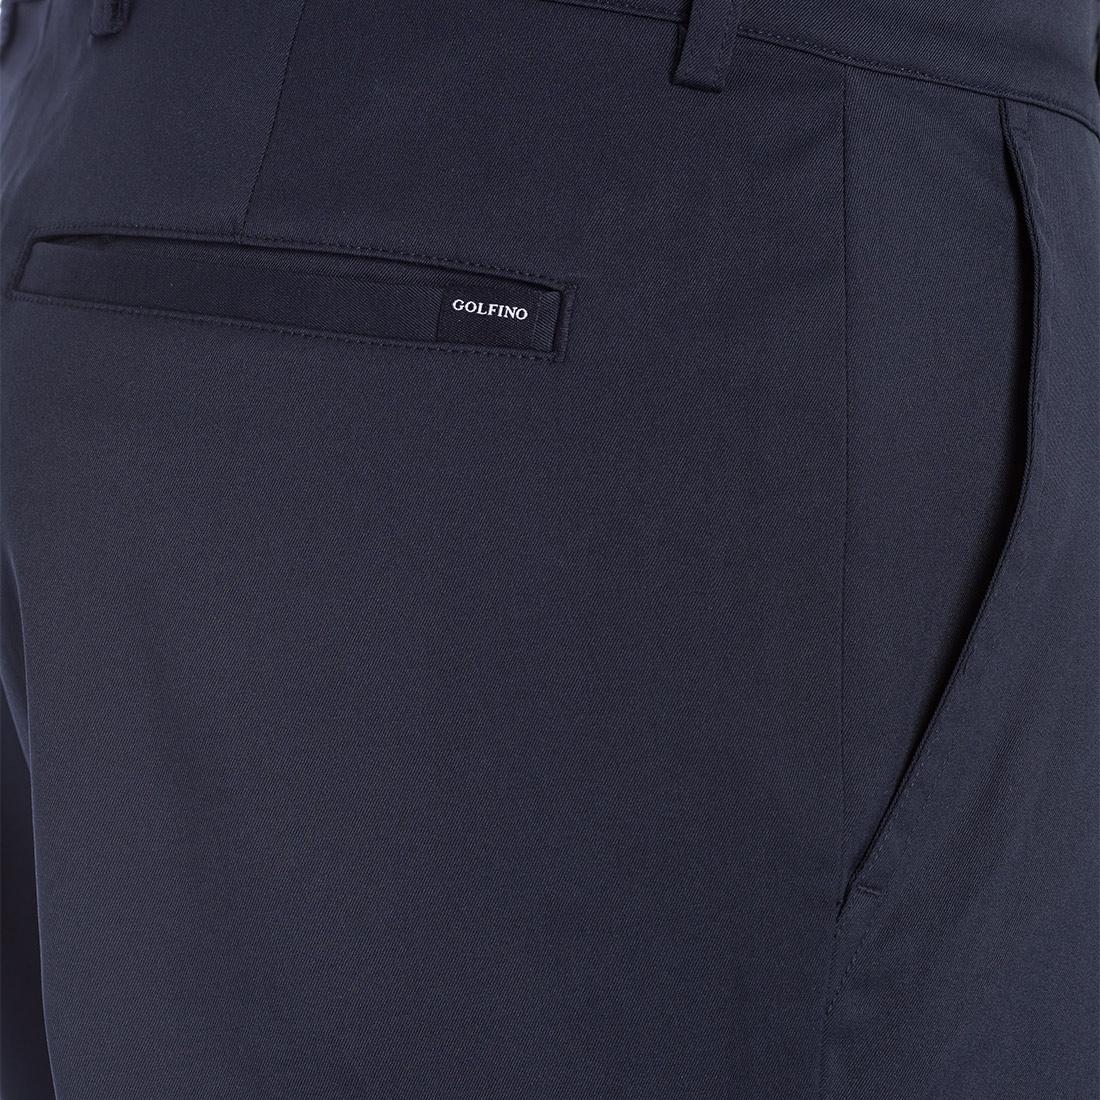 Quick Dry Herren Golfhose mit normaler Passform und Cooling Effekt